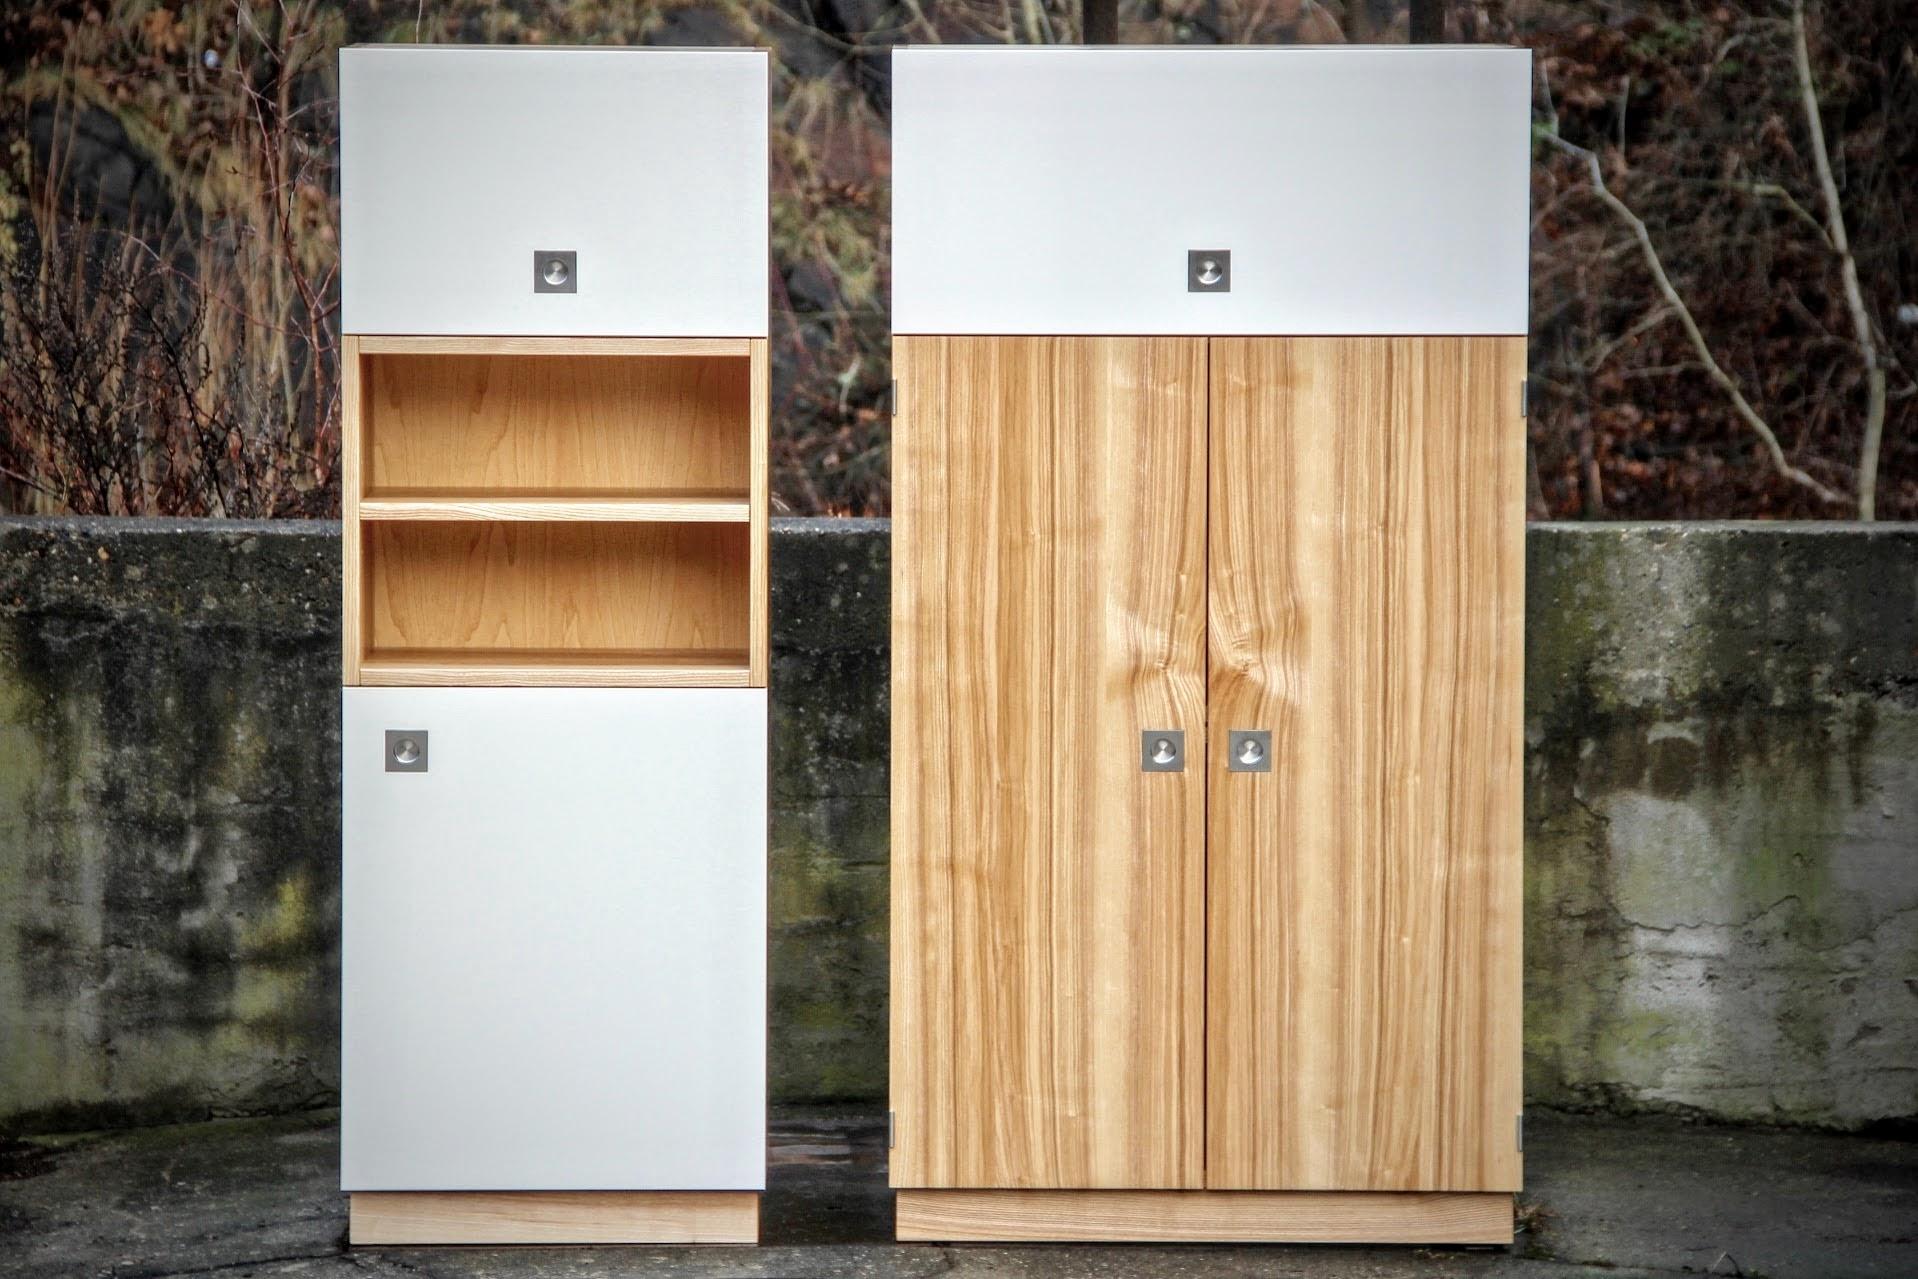 100 kleiner schreibtisch holz gaming schreibtisch. Black Bedroom Furniture Sets. Home Design Ideas